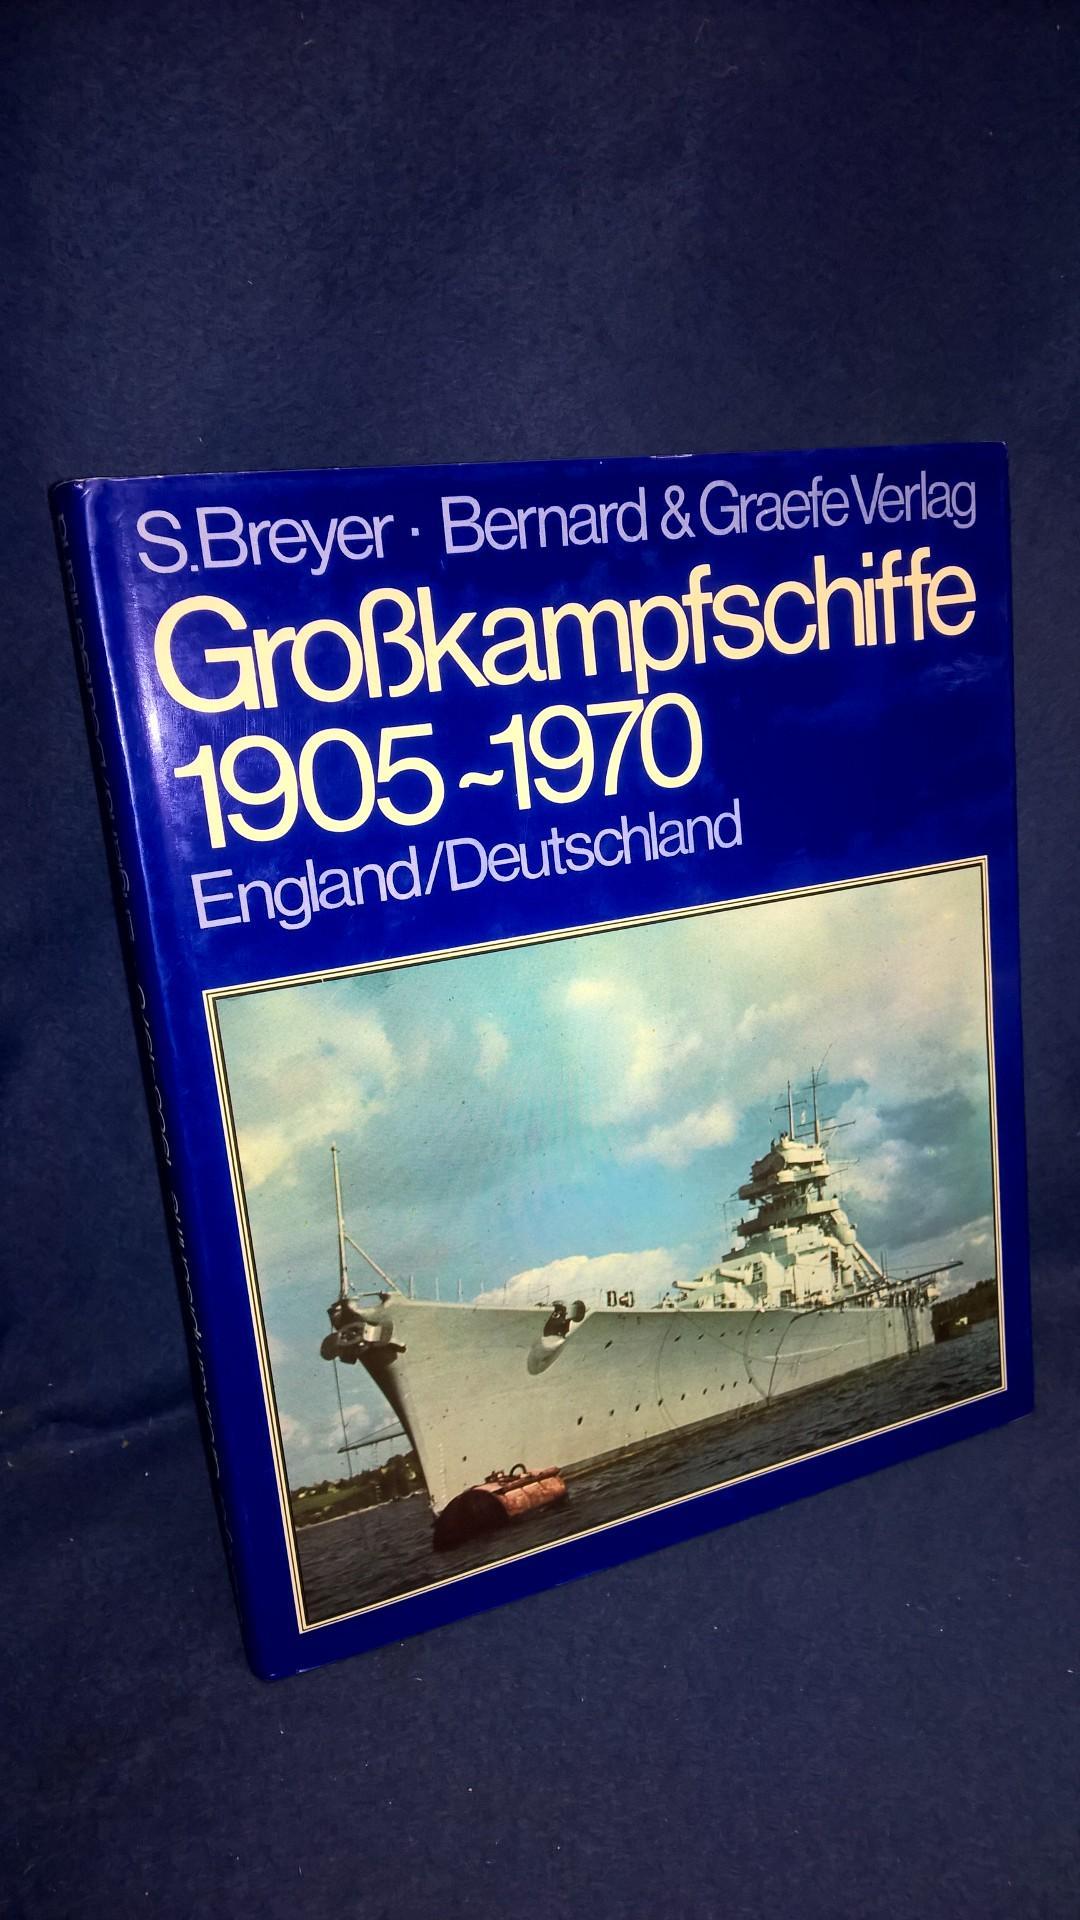 Grosskampfschiffe 1905-1970. Wehrtechnik im Bild Band 1: England/Deutschland.